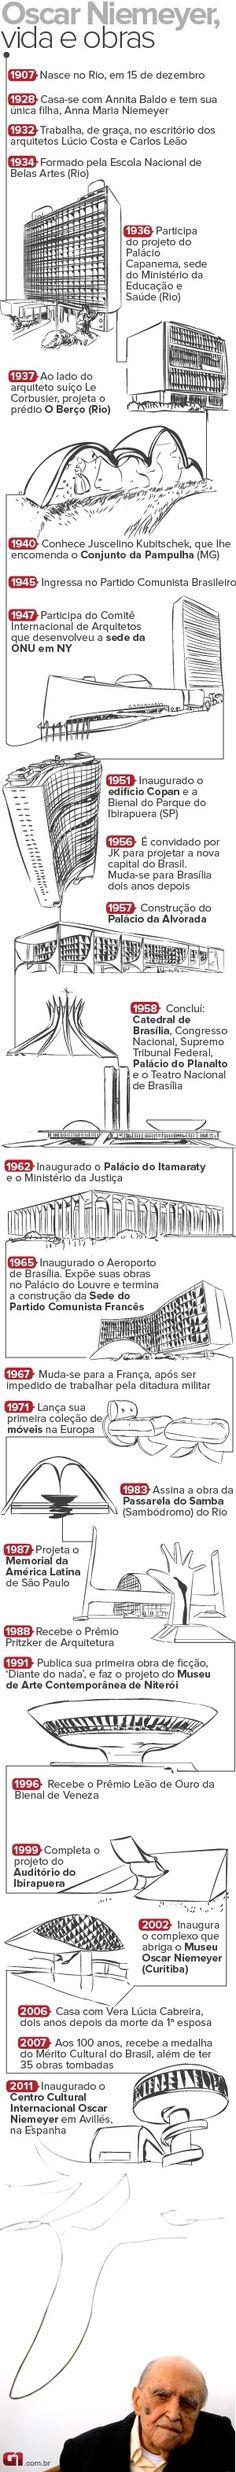 Linha do tempo de Oscar Niemeyer